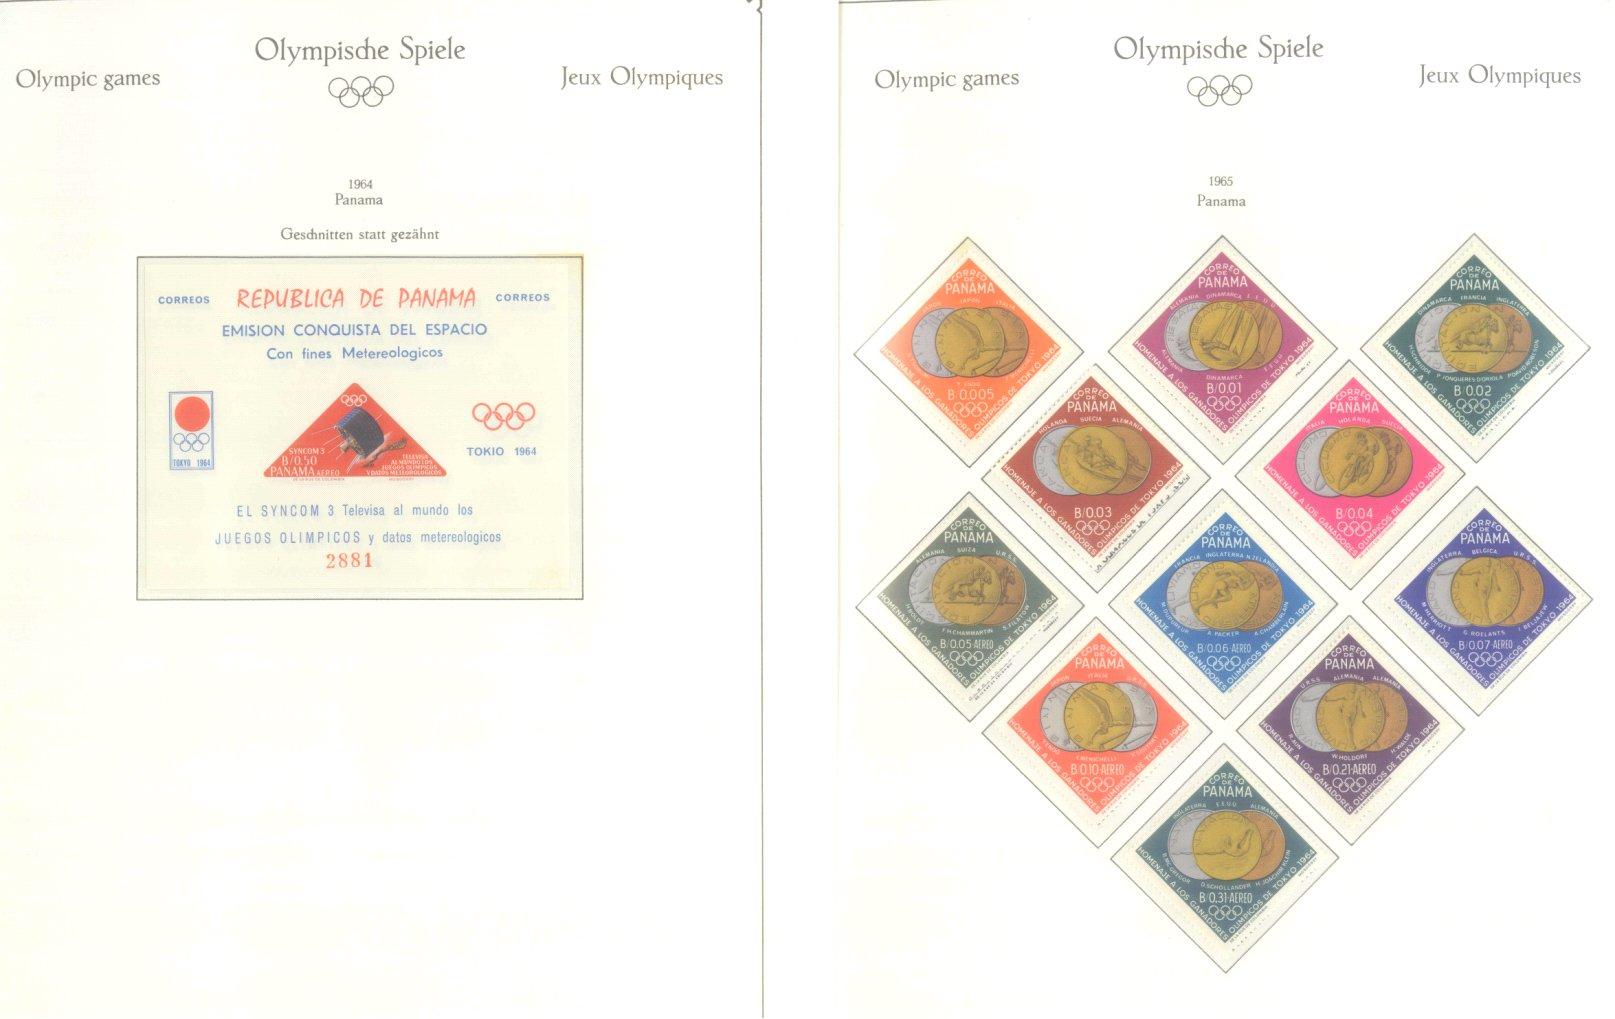 OLYMPISCHE SPIELE 1964 TOKIO, postfrische Sammlung Teil 2-7